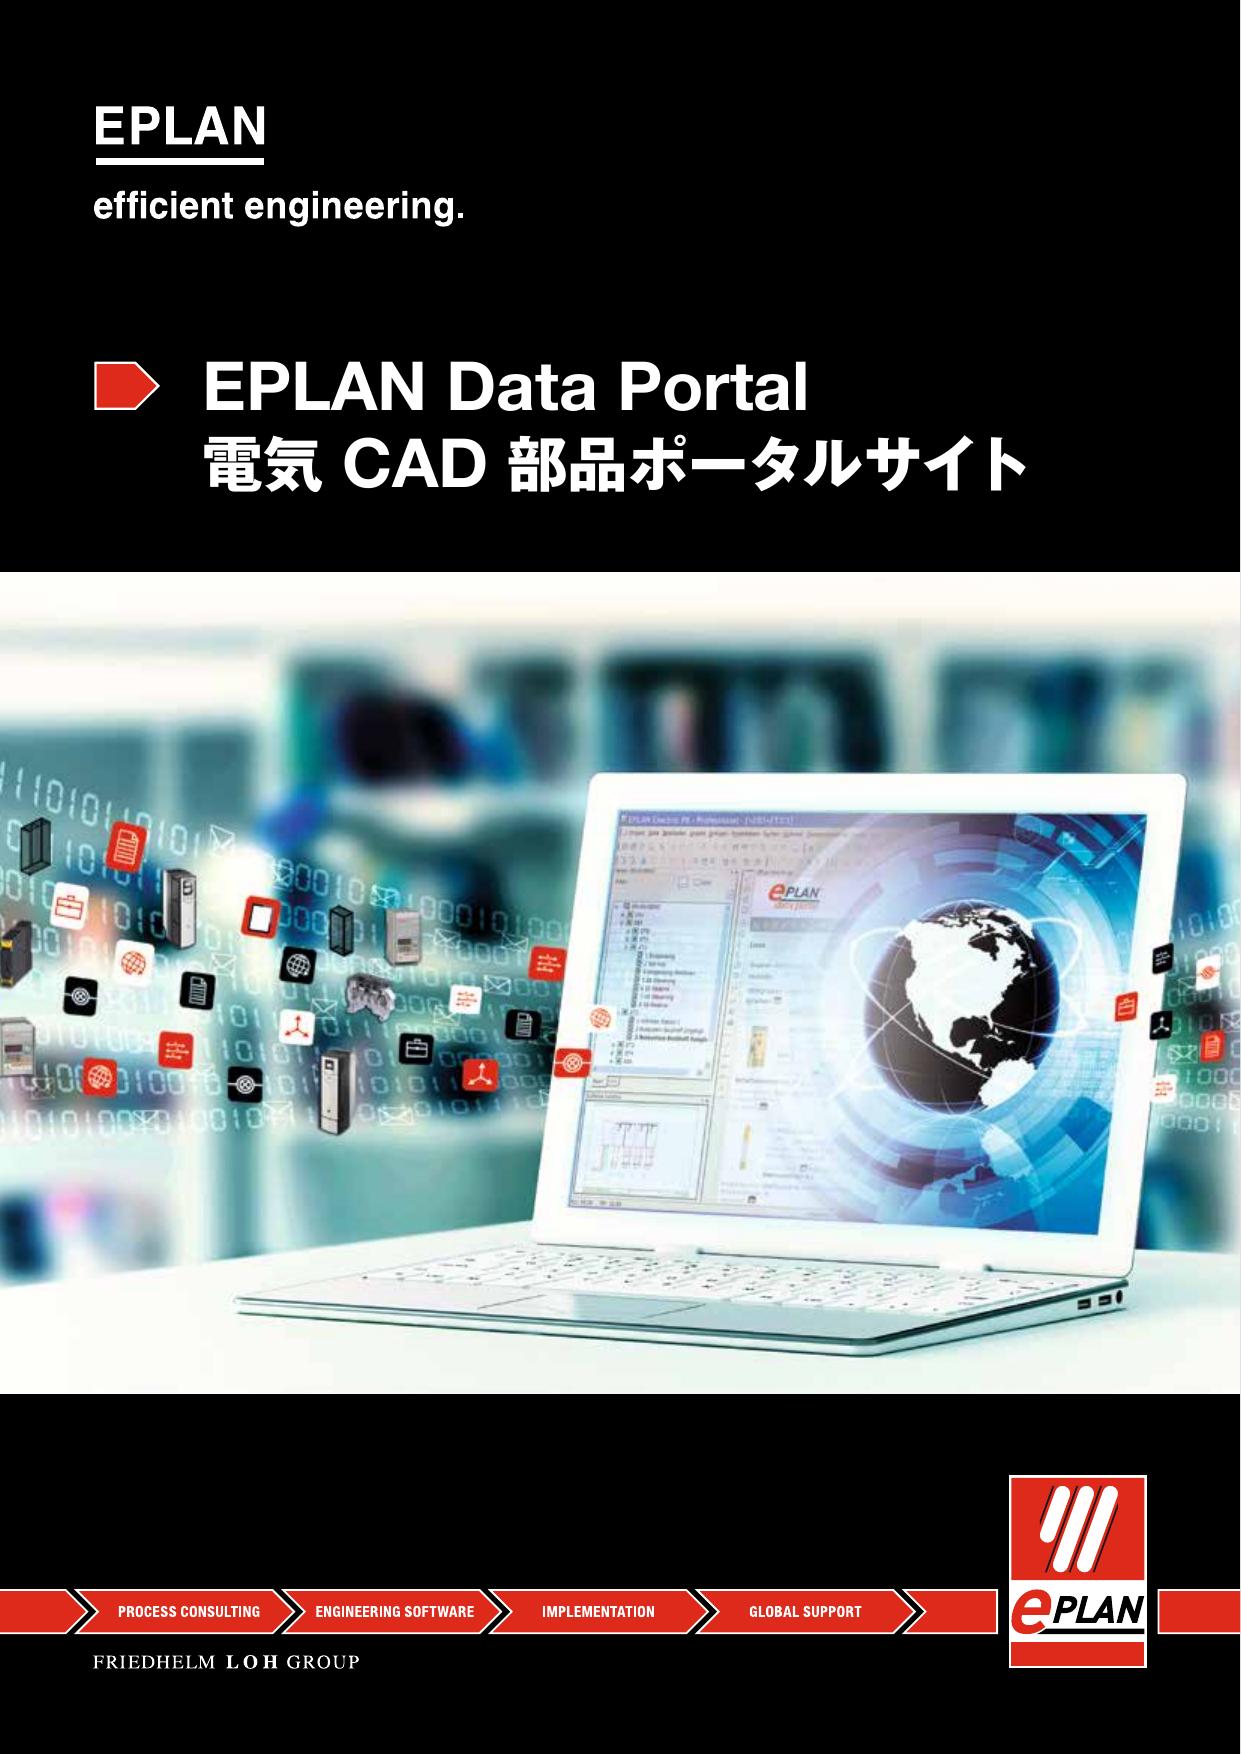 EPLAN Data Portal(部品メーカー様向けカタログ)